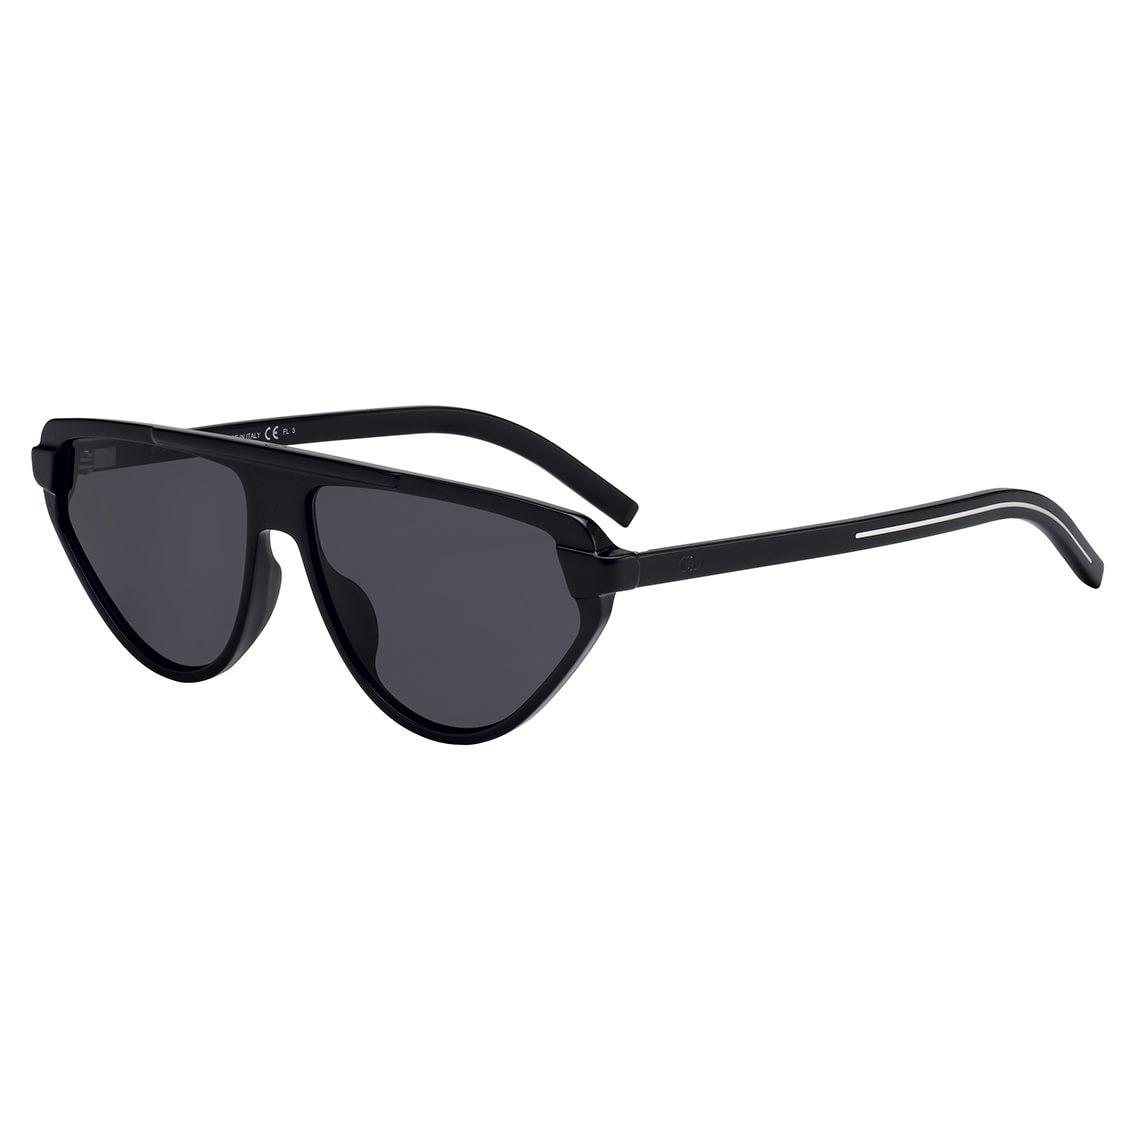 Dior Homme BLACKTIE247S 807 6014